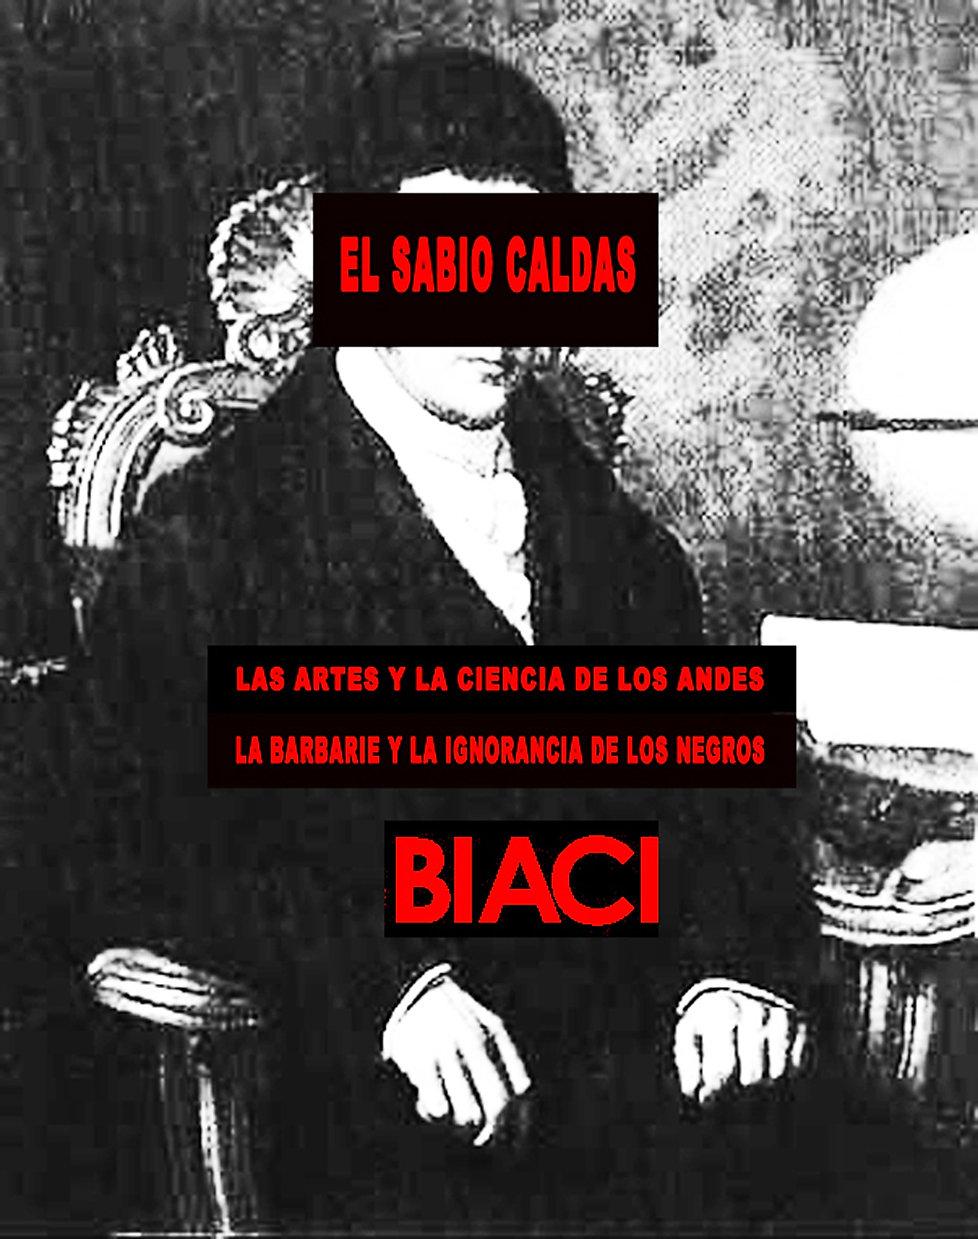 EL SABIO CALDAS.jpg